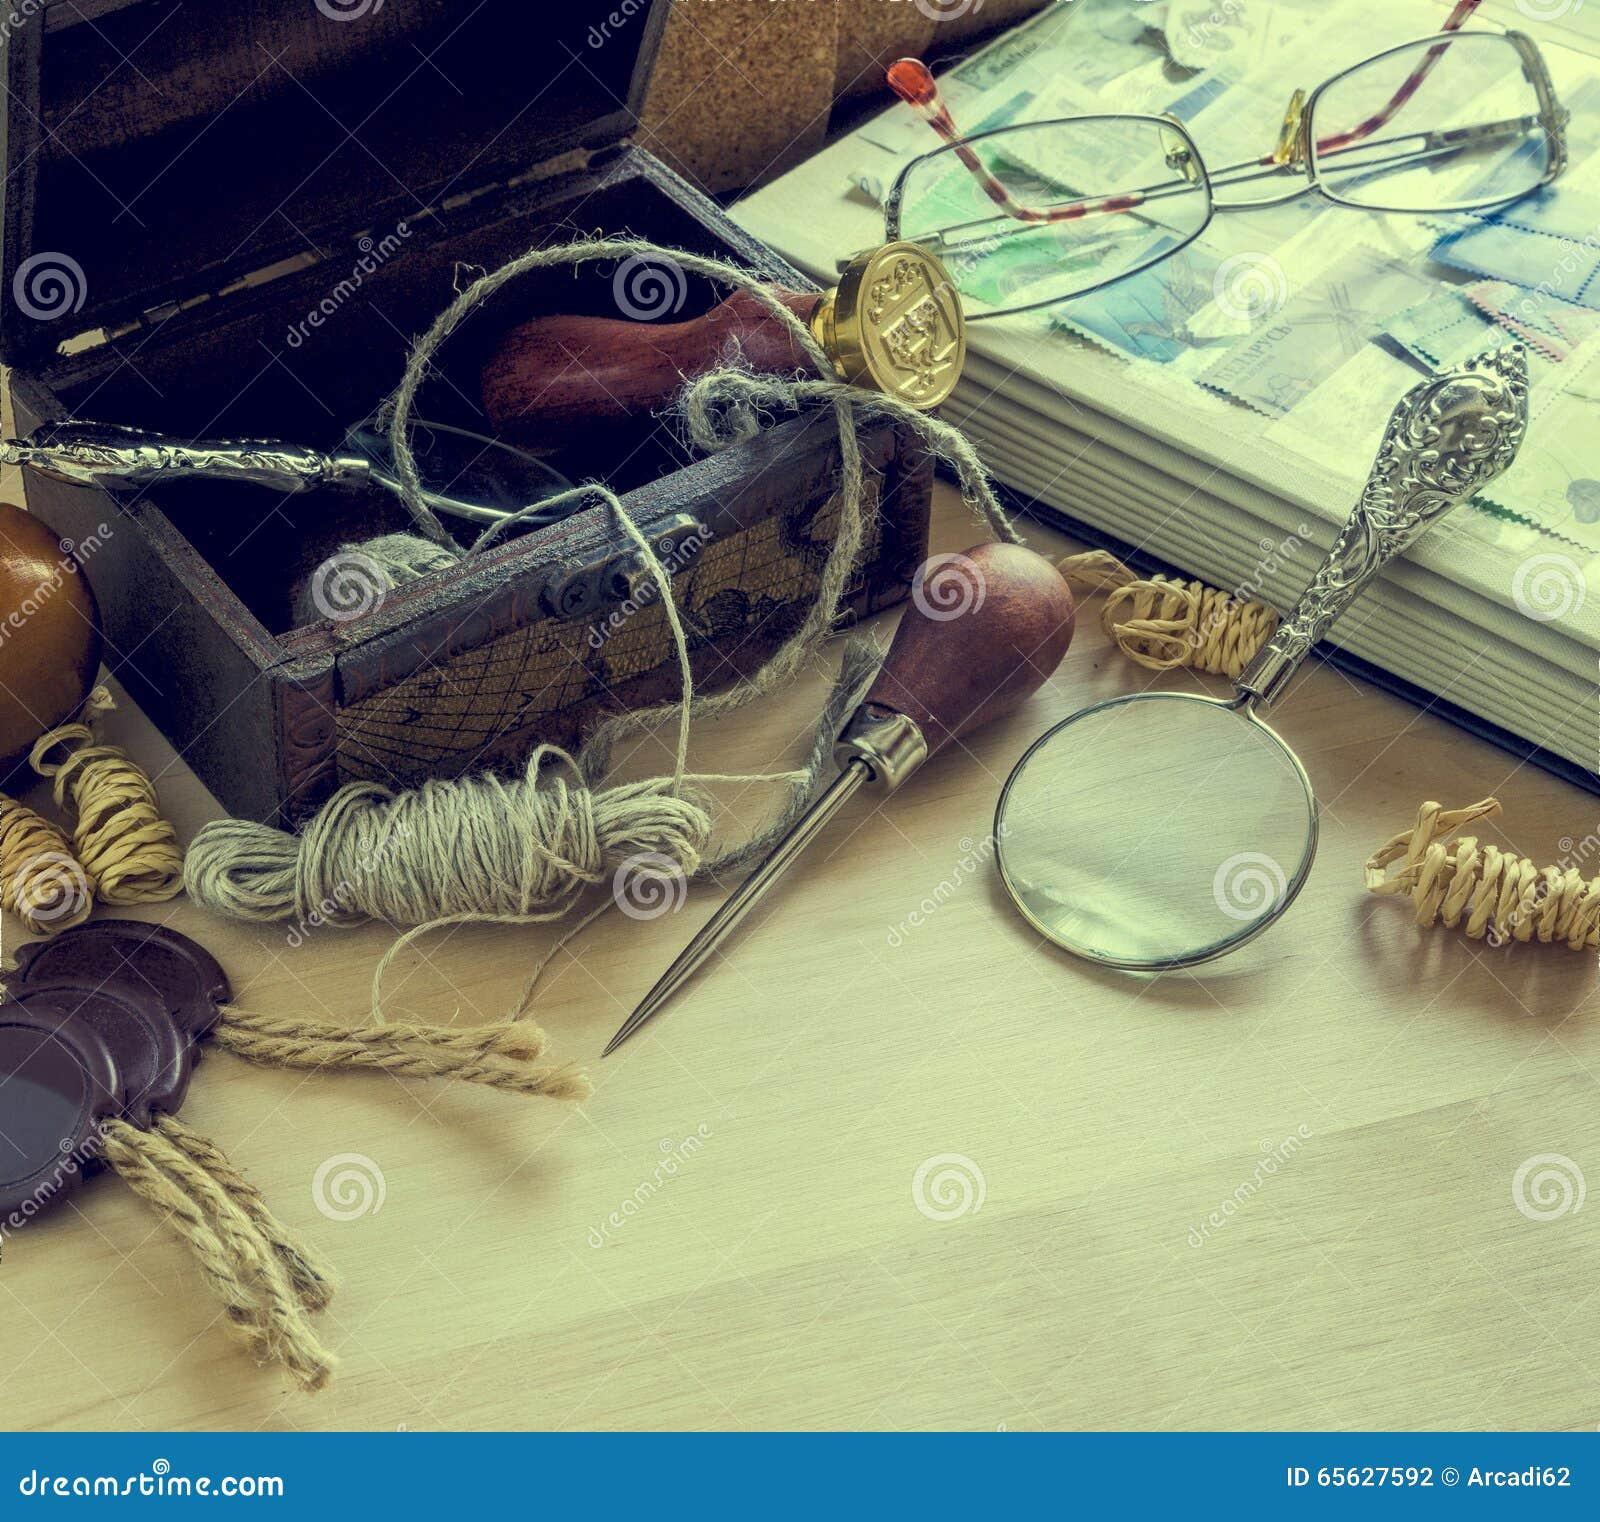 Accessoires de courrier, rétros, vintage